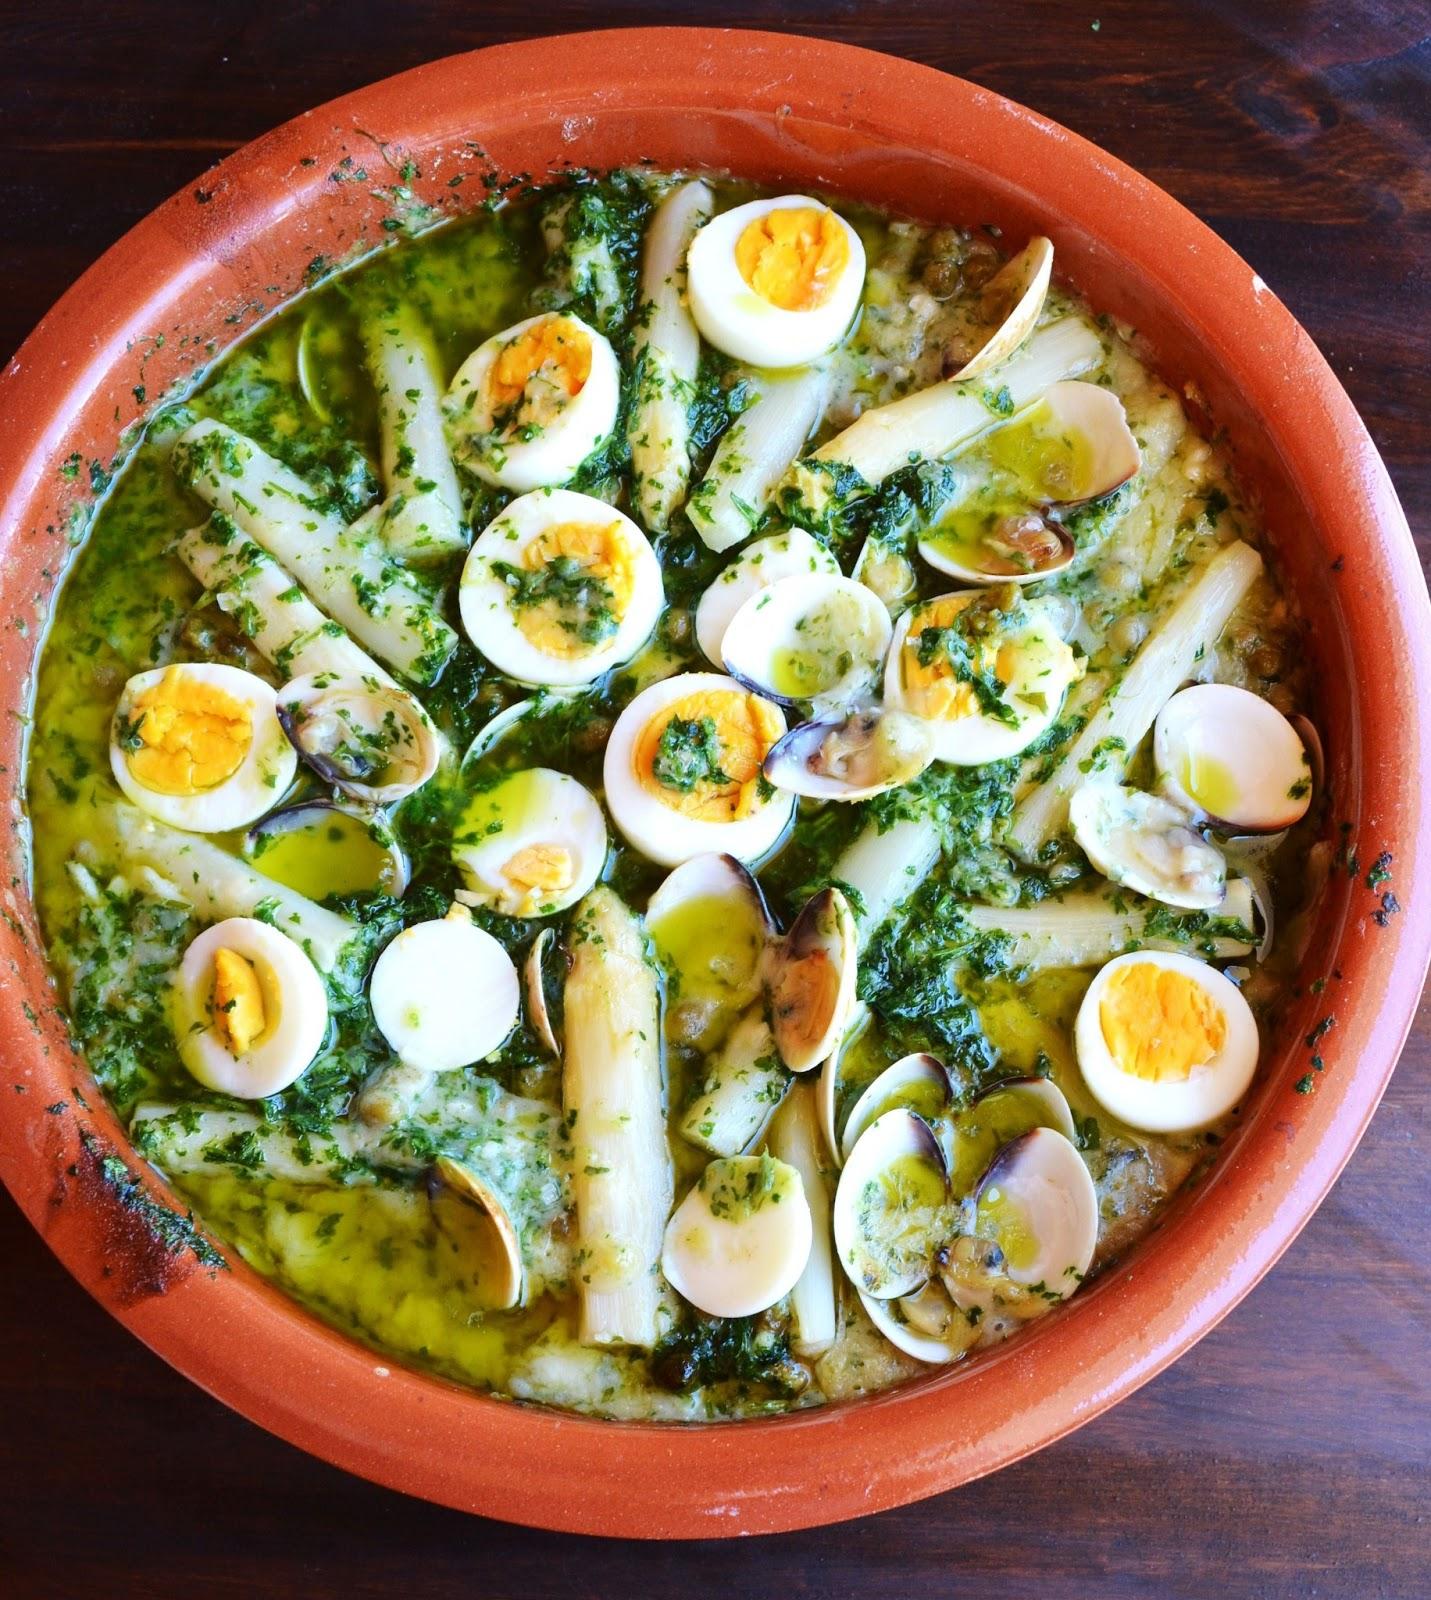 Recetas para enamorar y dulces bocaditos merluza en salsa verde con esparrajos y almejas - Almejas con salsa verde ...